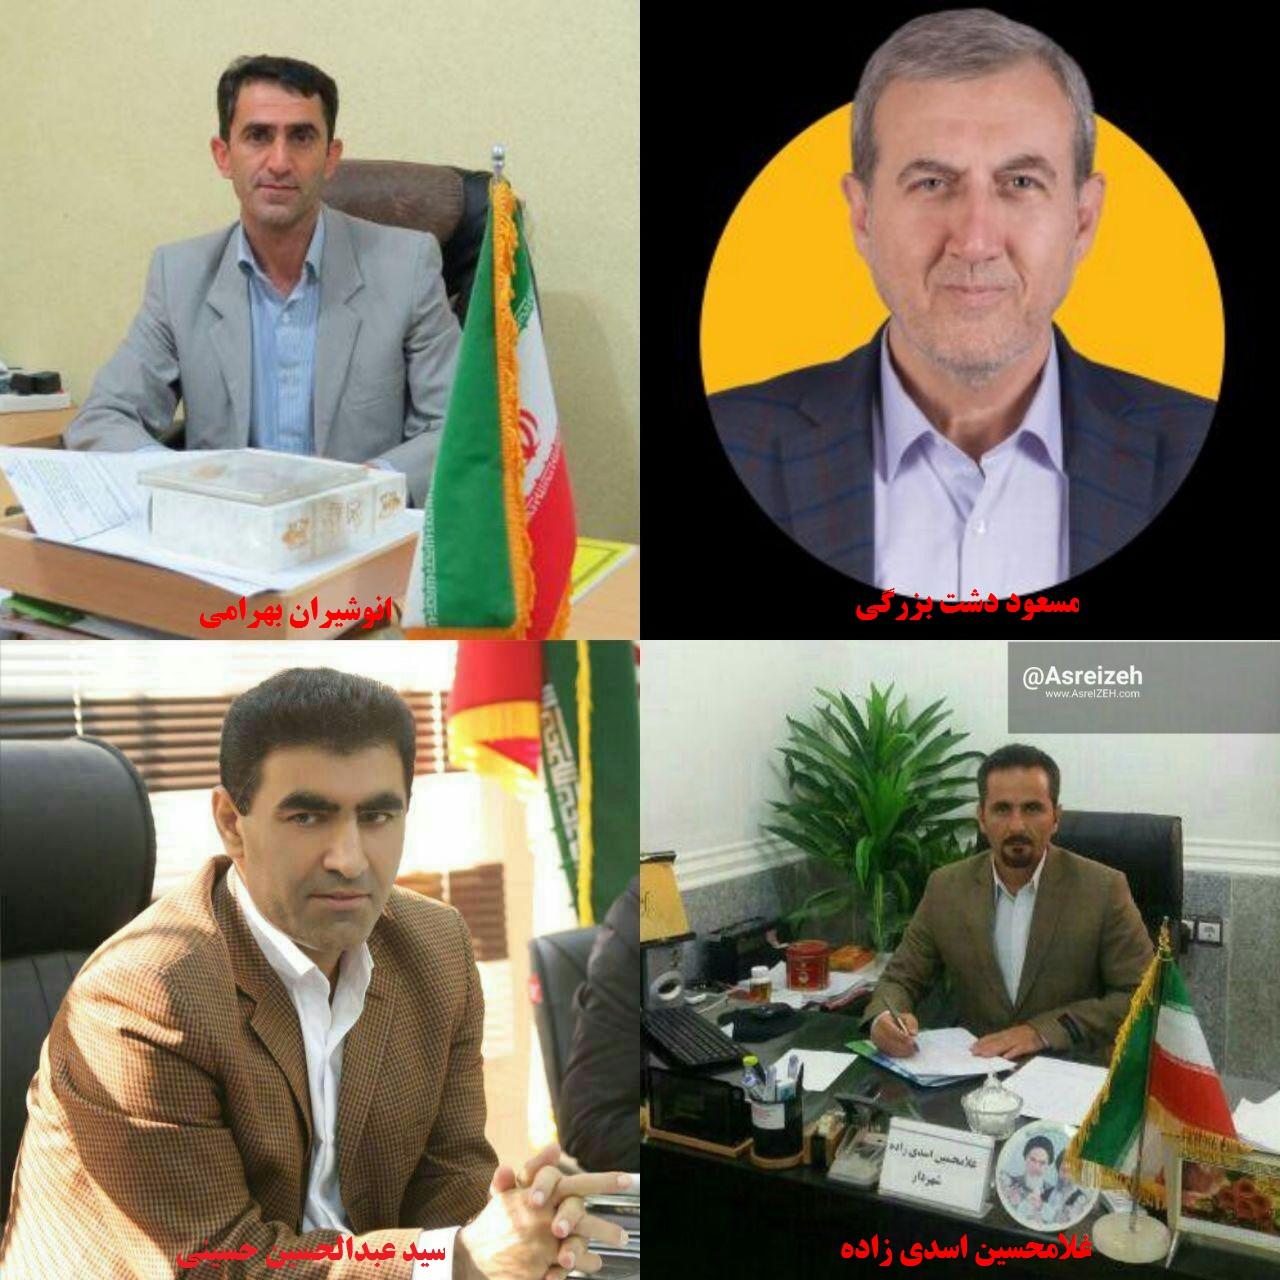 ۴ کاندیدای شهرداري ایذه معرفی شدند